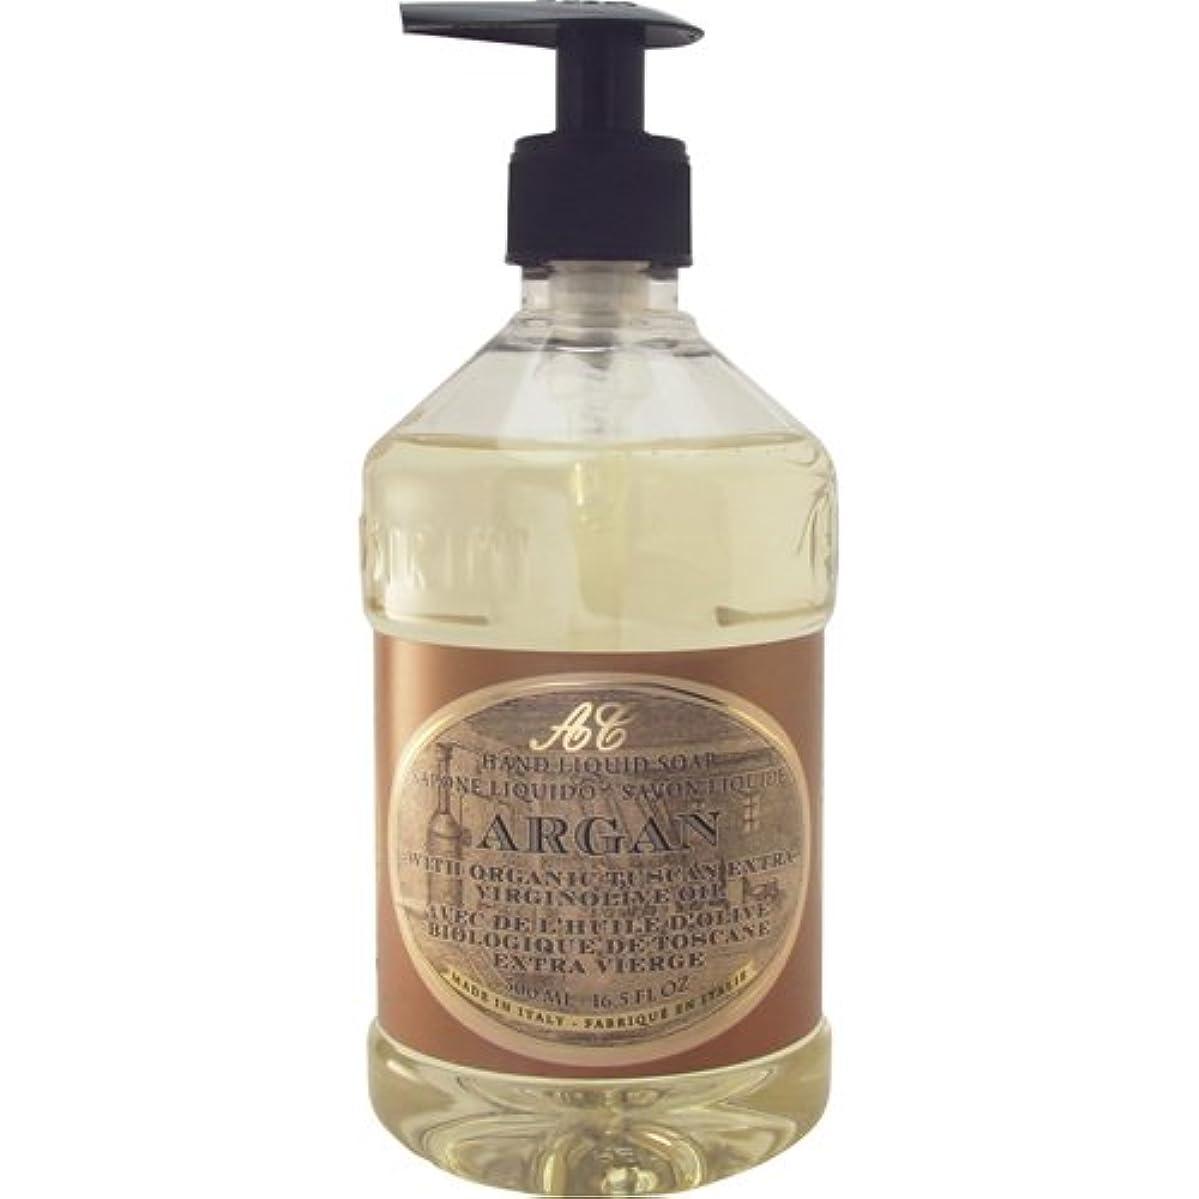 晩餐変換するふさわしいSaponerire Fissi レトロシリーズ Liquid Soap リキッドソープ 500ml Argan アルガンオイル